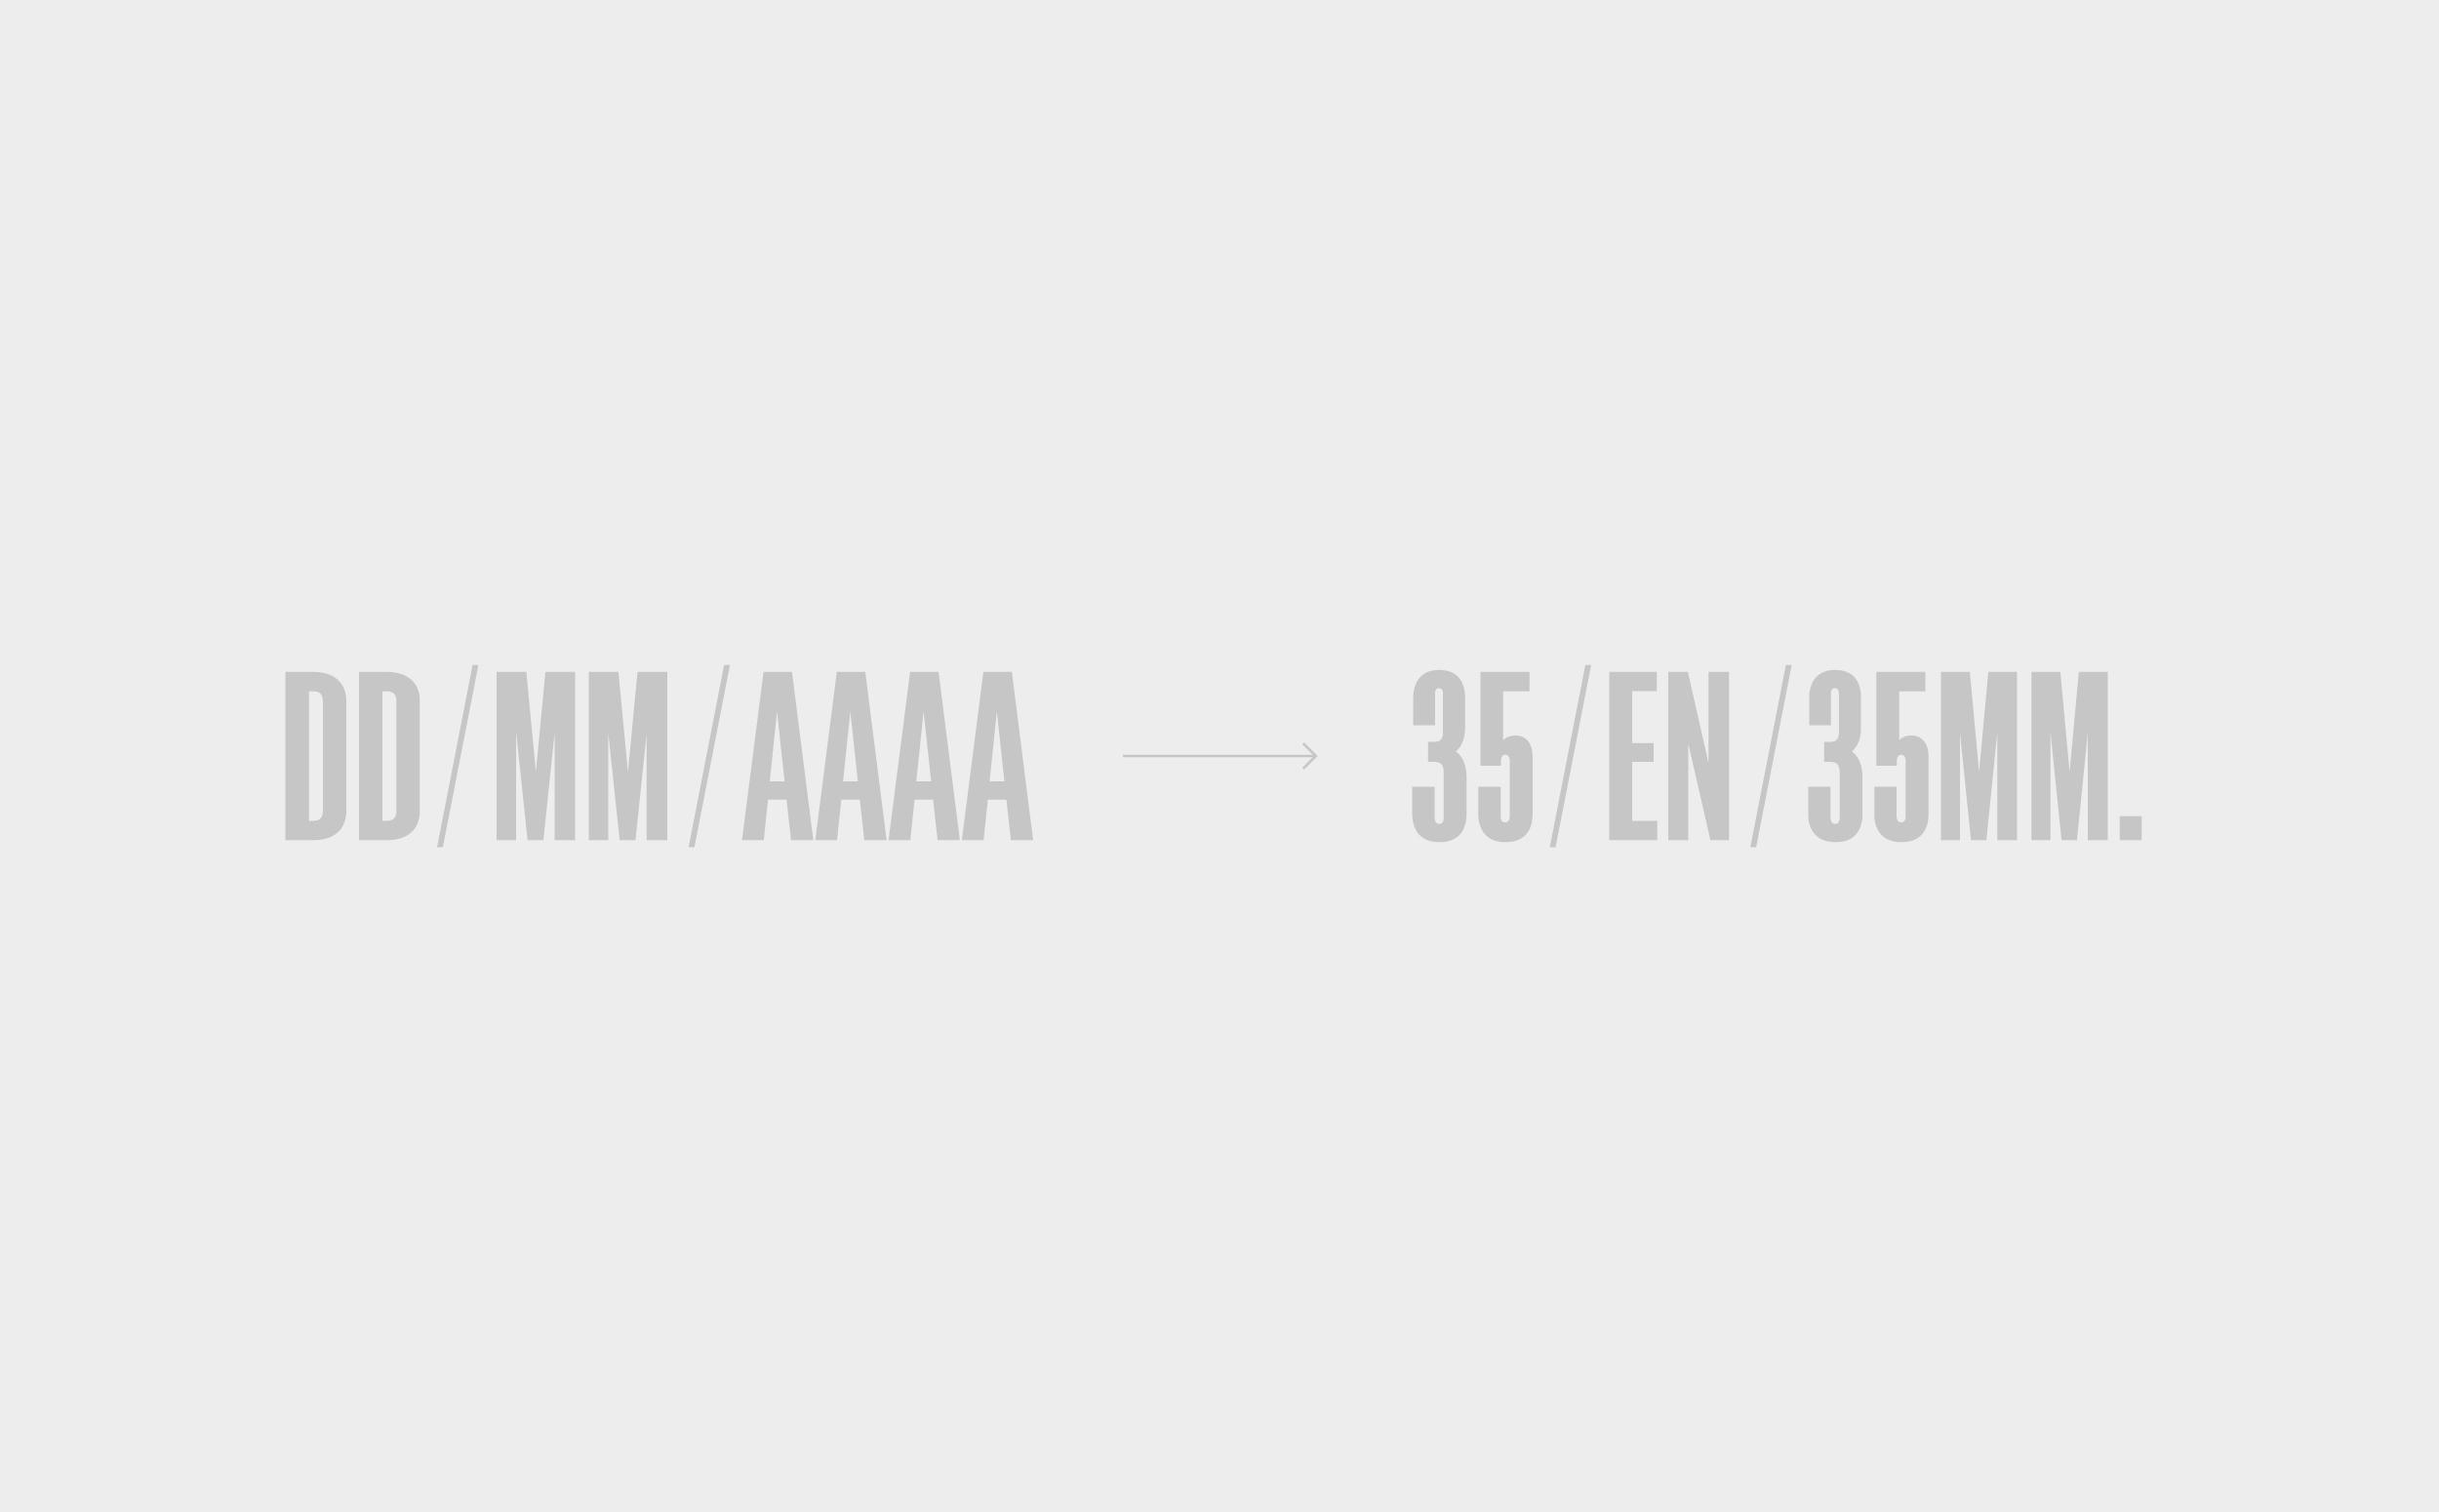 Concepto_35EN35